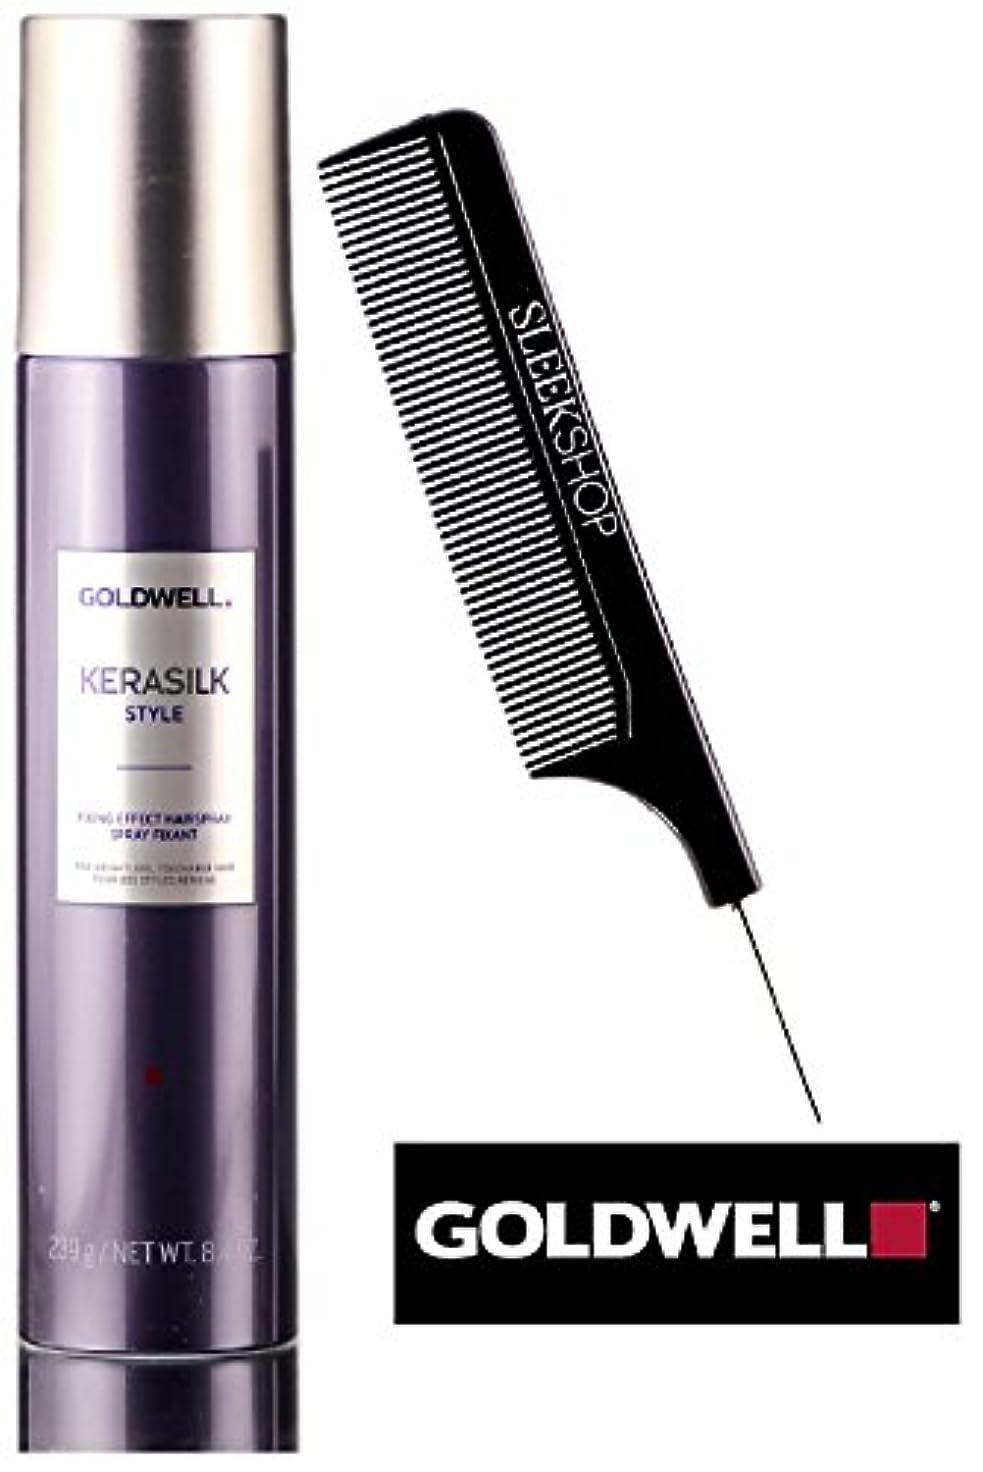 滴下相互接続頑丈Kerasilk Hair Spray by Goldwell エフェクトヘアスプレーを修正Goldwell KERASILK STYLE(と洗練されたスチールピンテールくし)無重力のため、触れることができるヘアー 8.4...